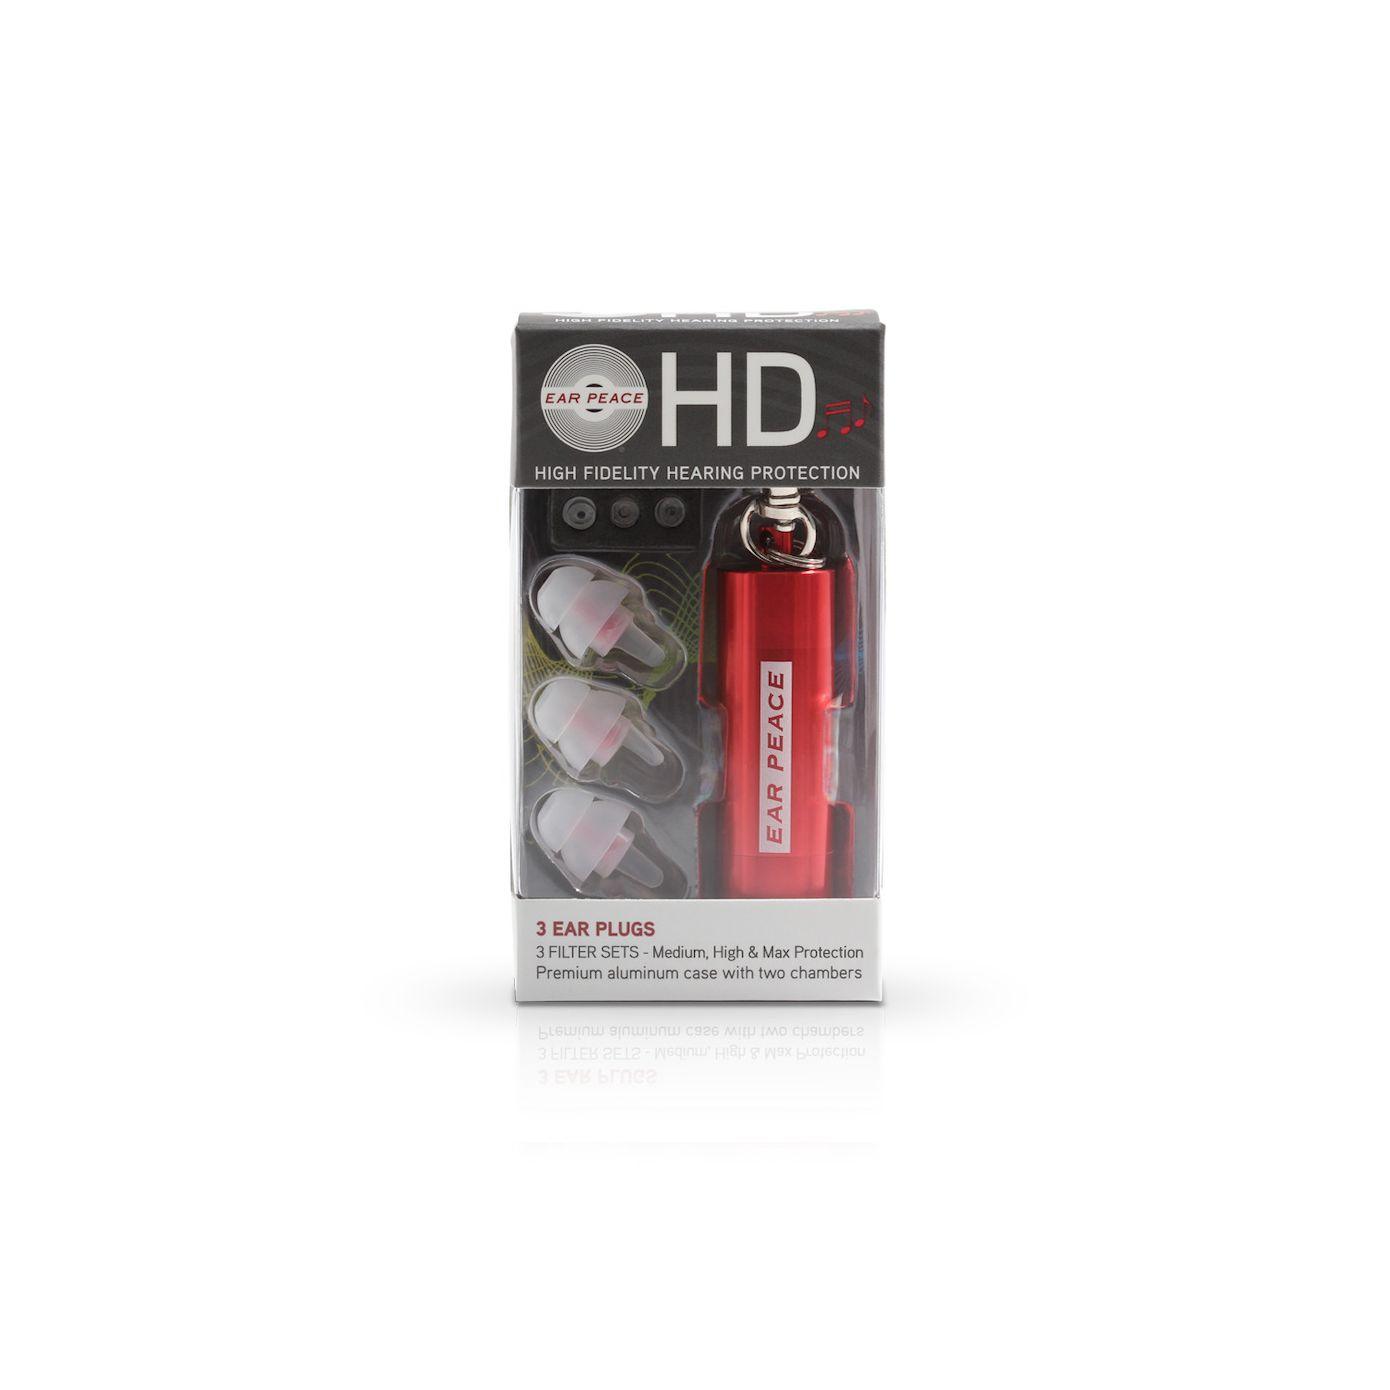 EarPeace HD Ear Plugs